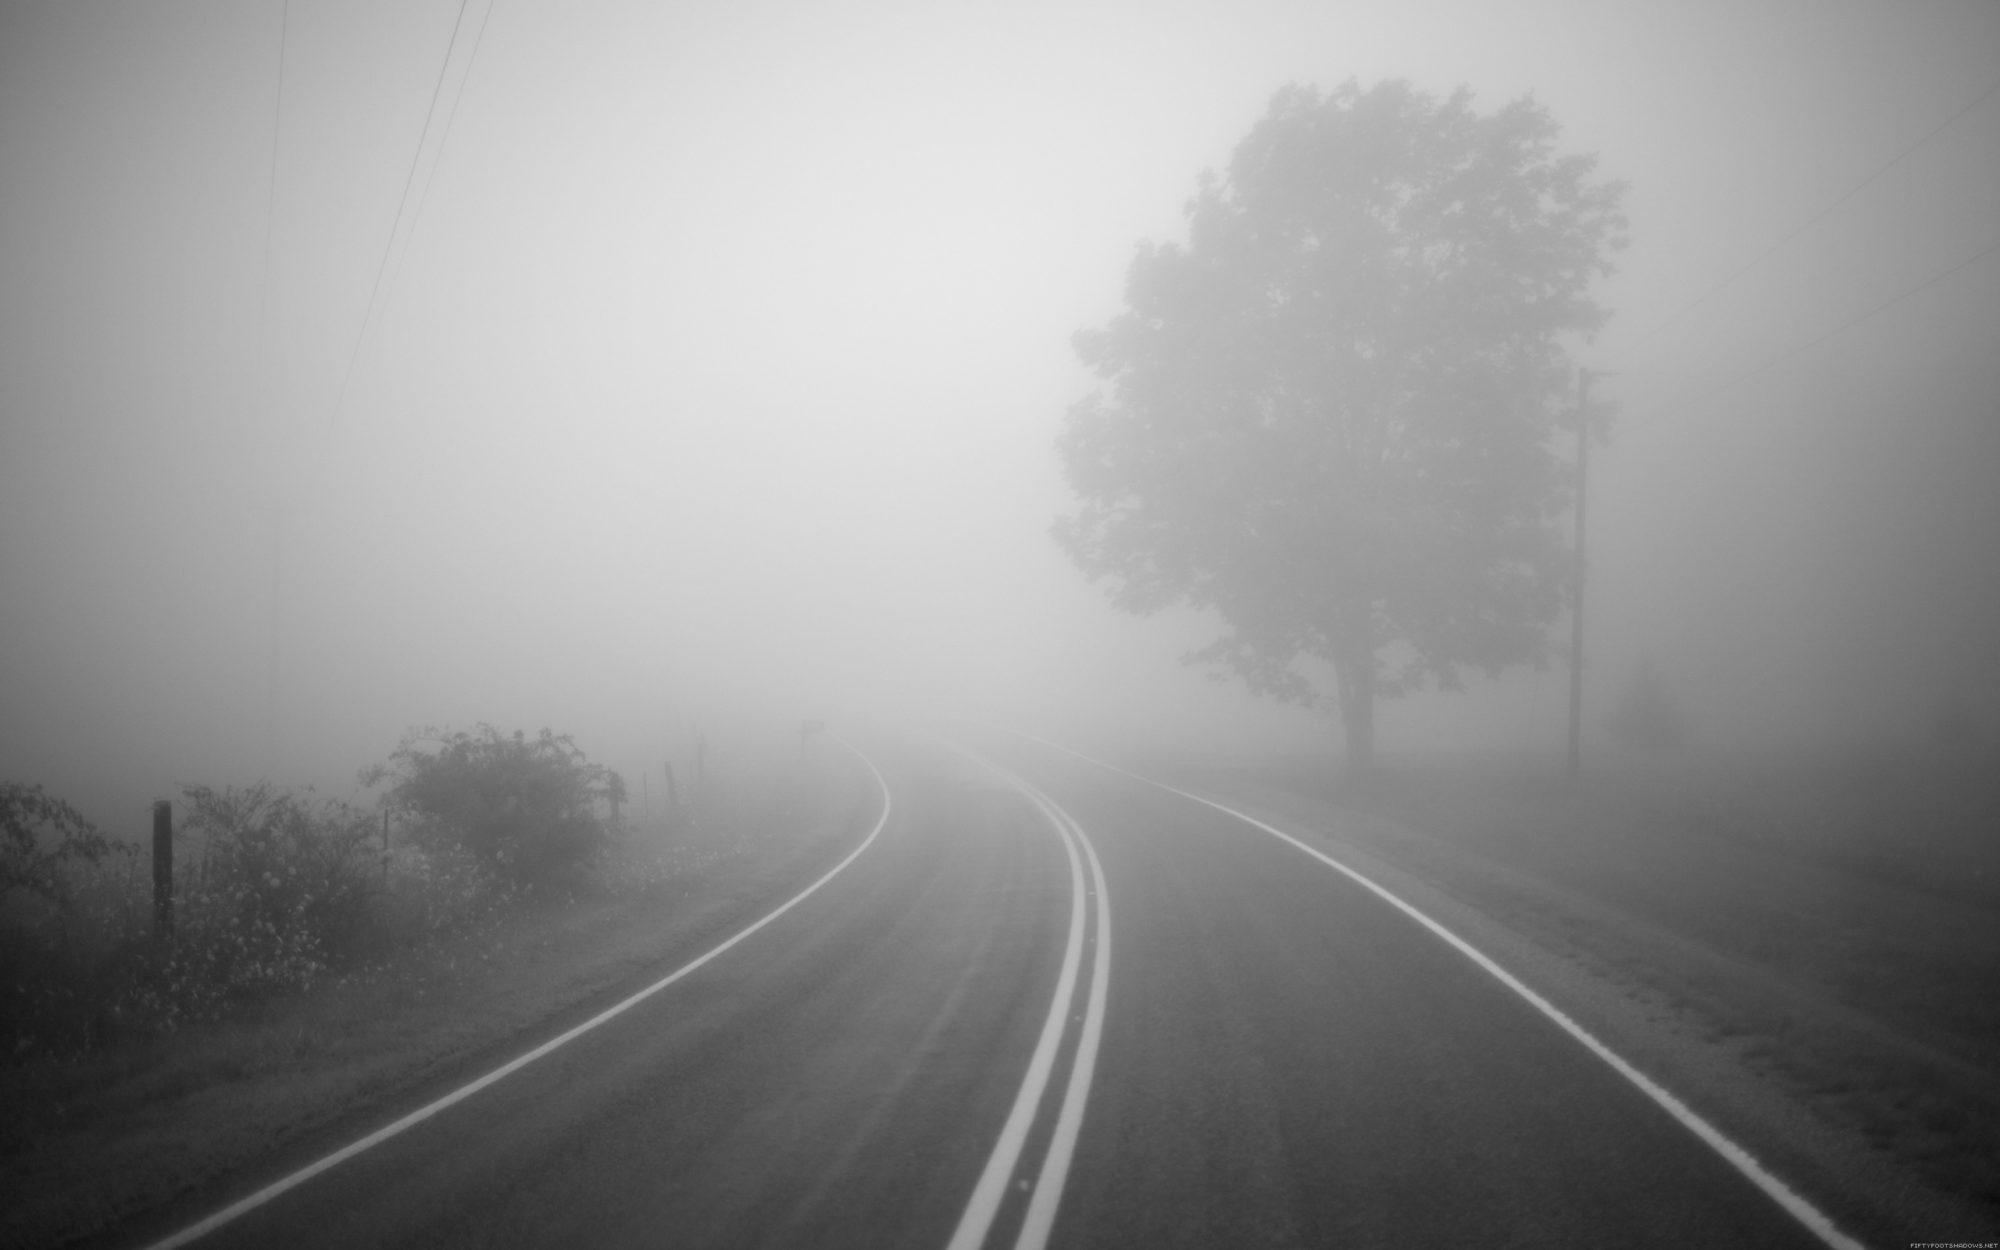 16 жовтня Київщину накриє густий туман: водіїв попередили про погану видимість - погода - 16 tuman 2000x1250